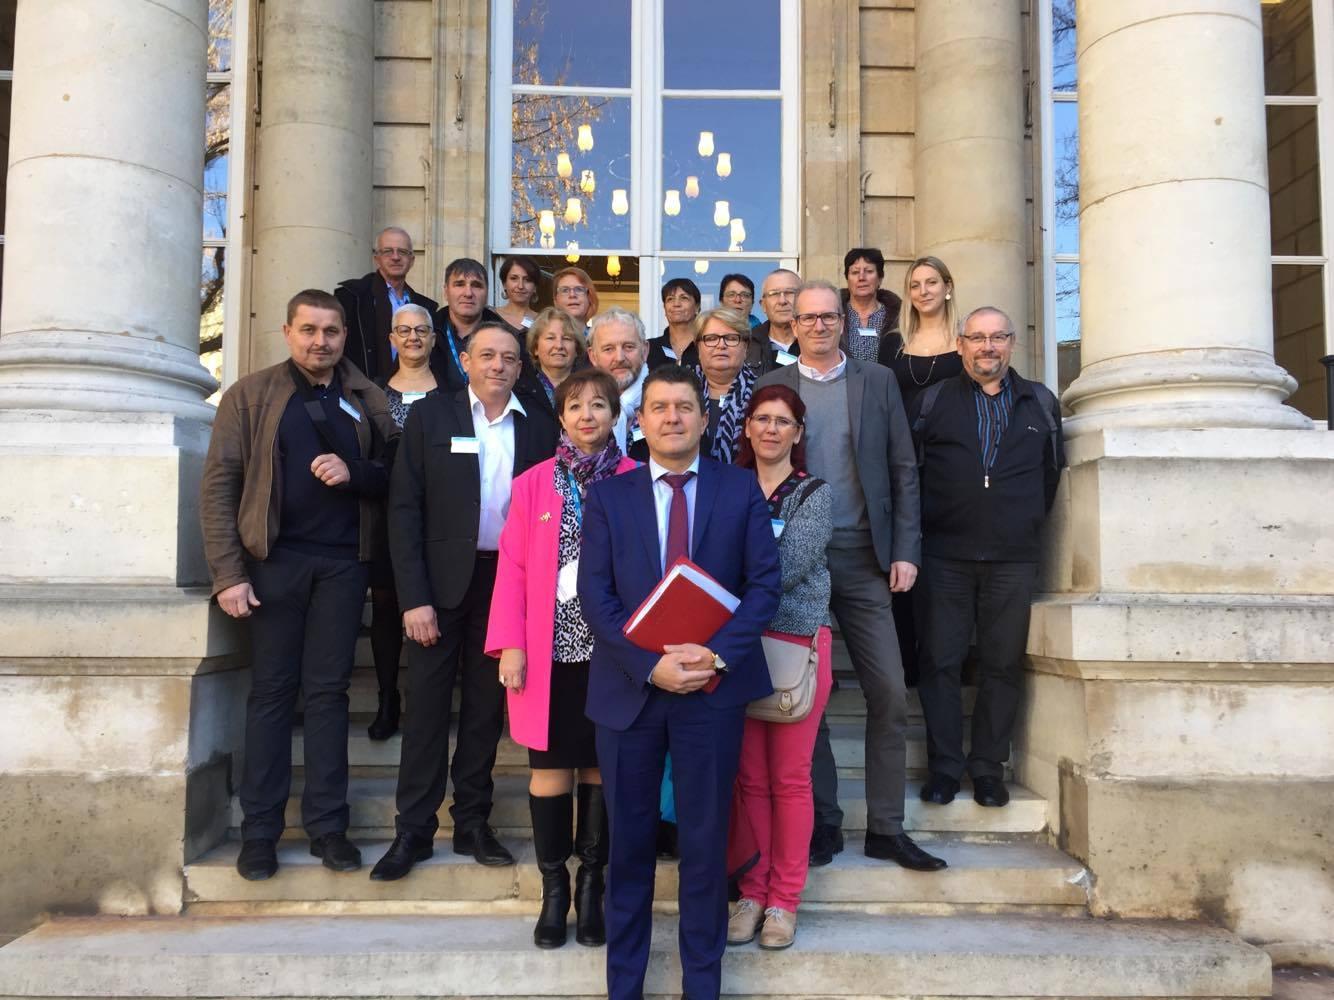 Congrès des Maires : les élus ardéchois reçus à l'Assemblée nationale